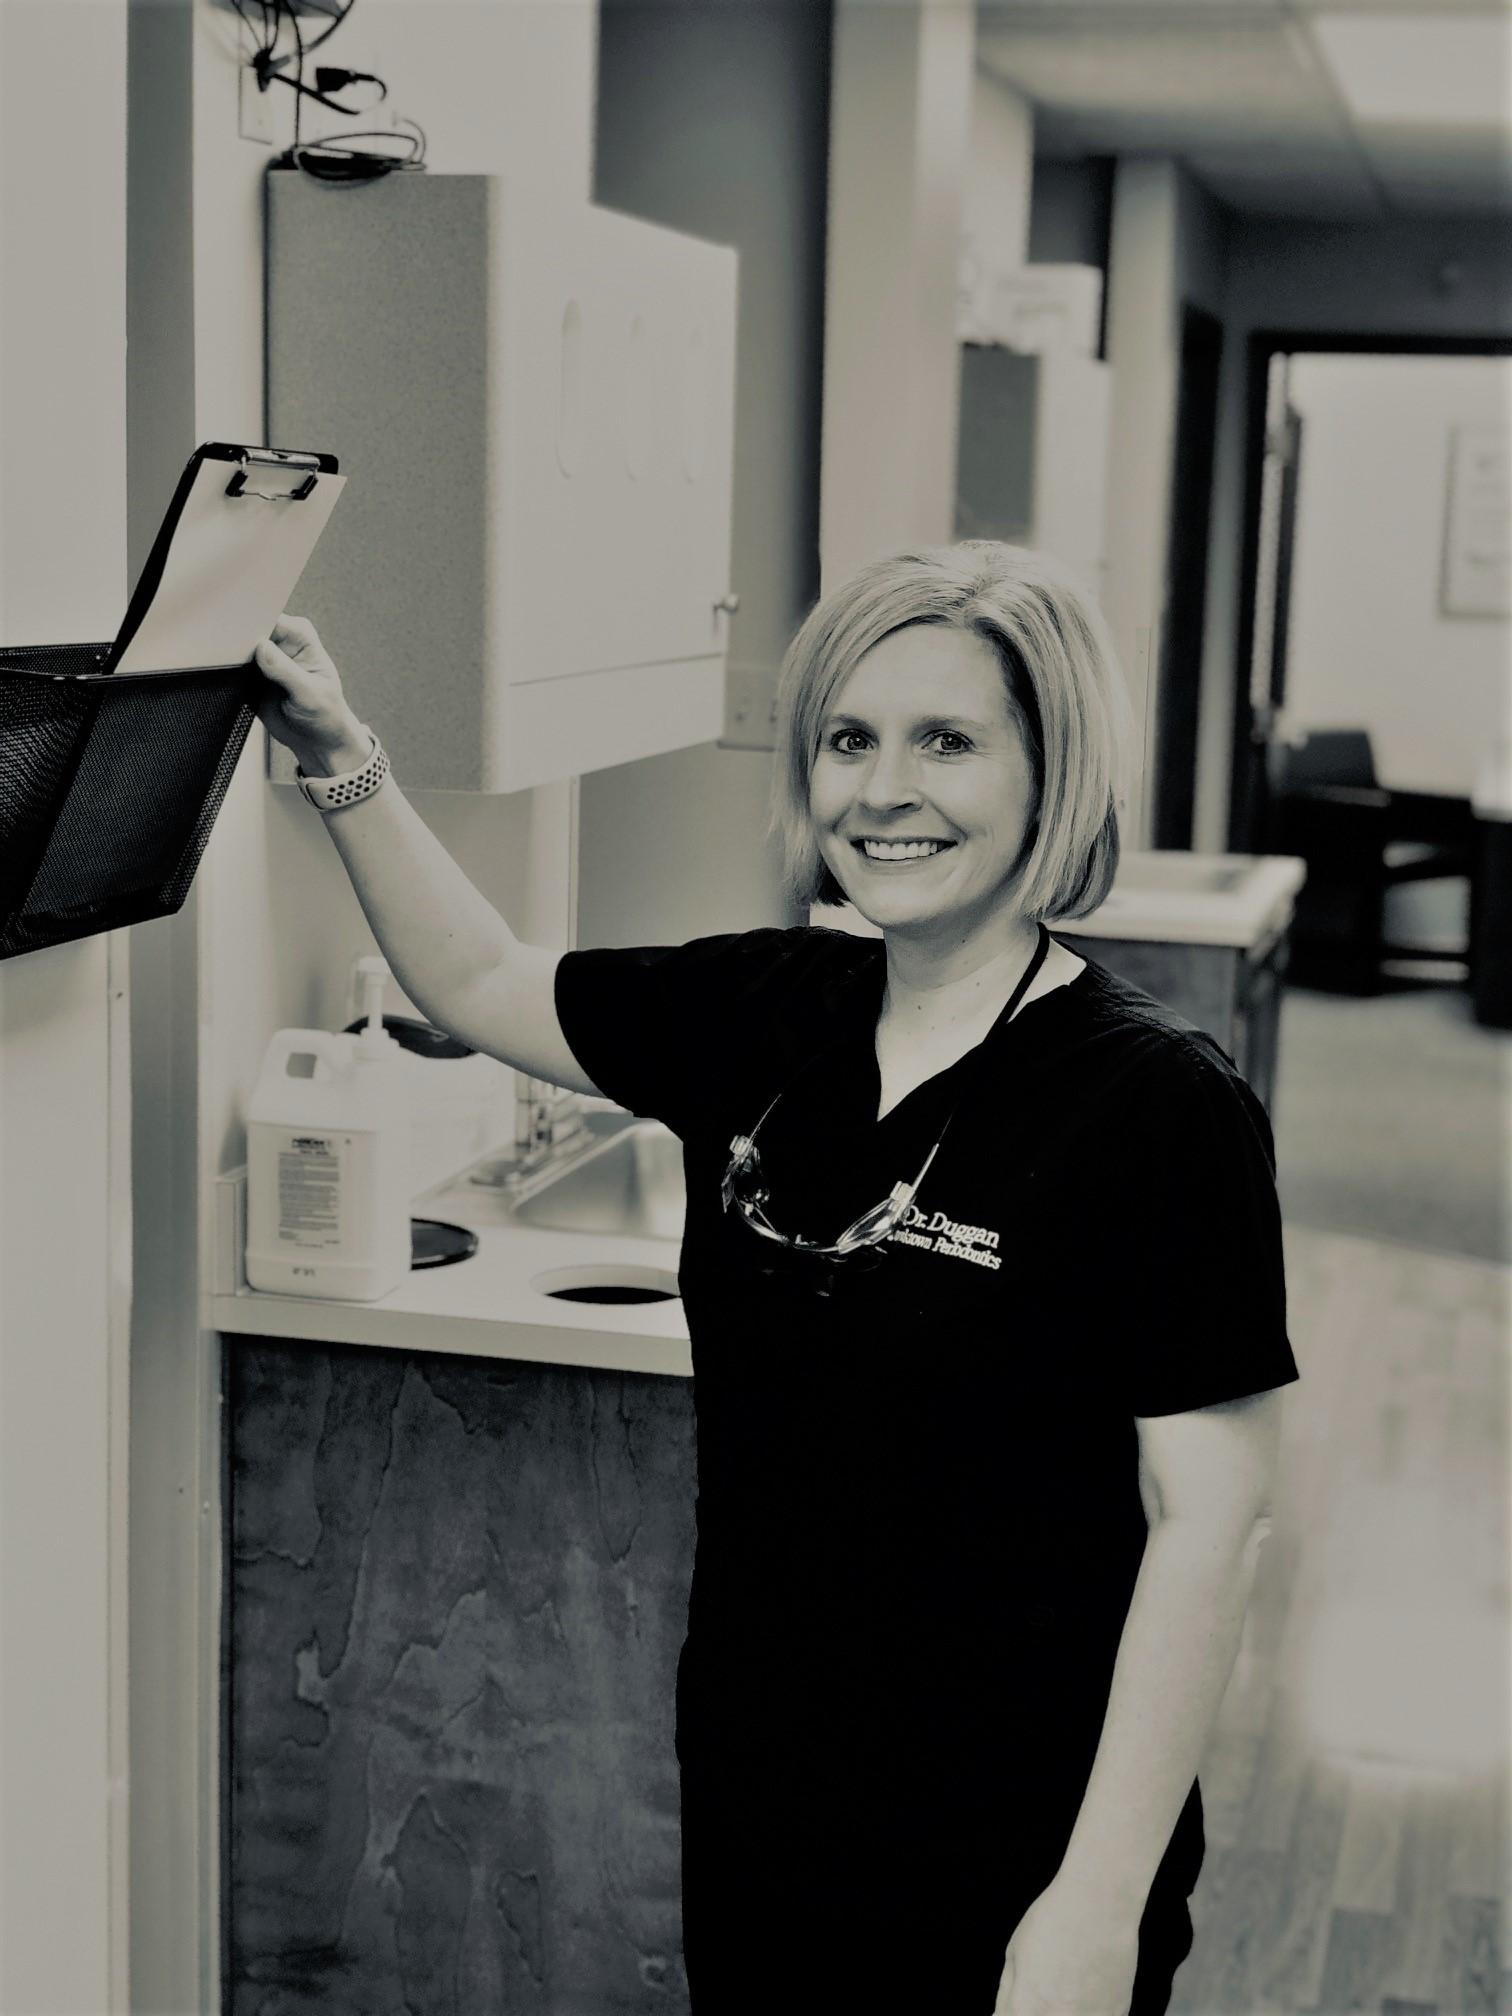 Periodontist: Dr. Sayward Duggan